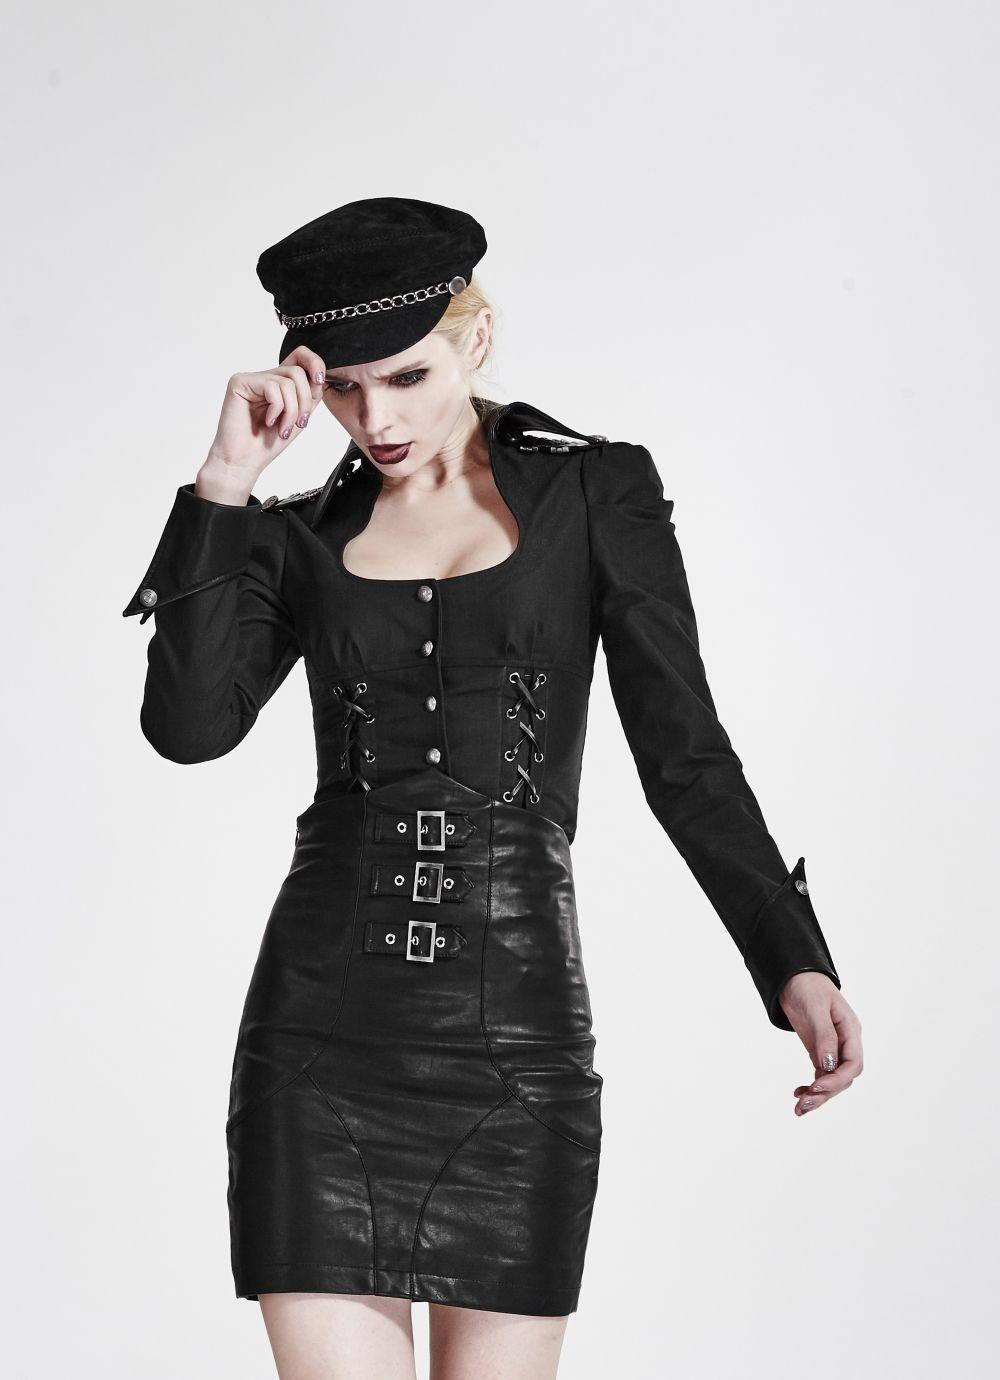 chemise punk femme vetements punk vetement grunge homme fashion men style chemise carreaux jean slim. Black Bedroom Furniture Sets. Home Design Ideas